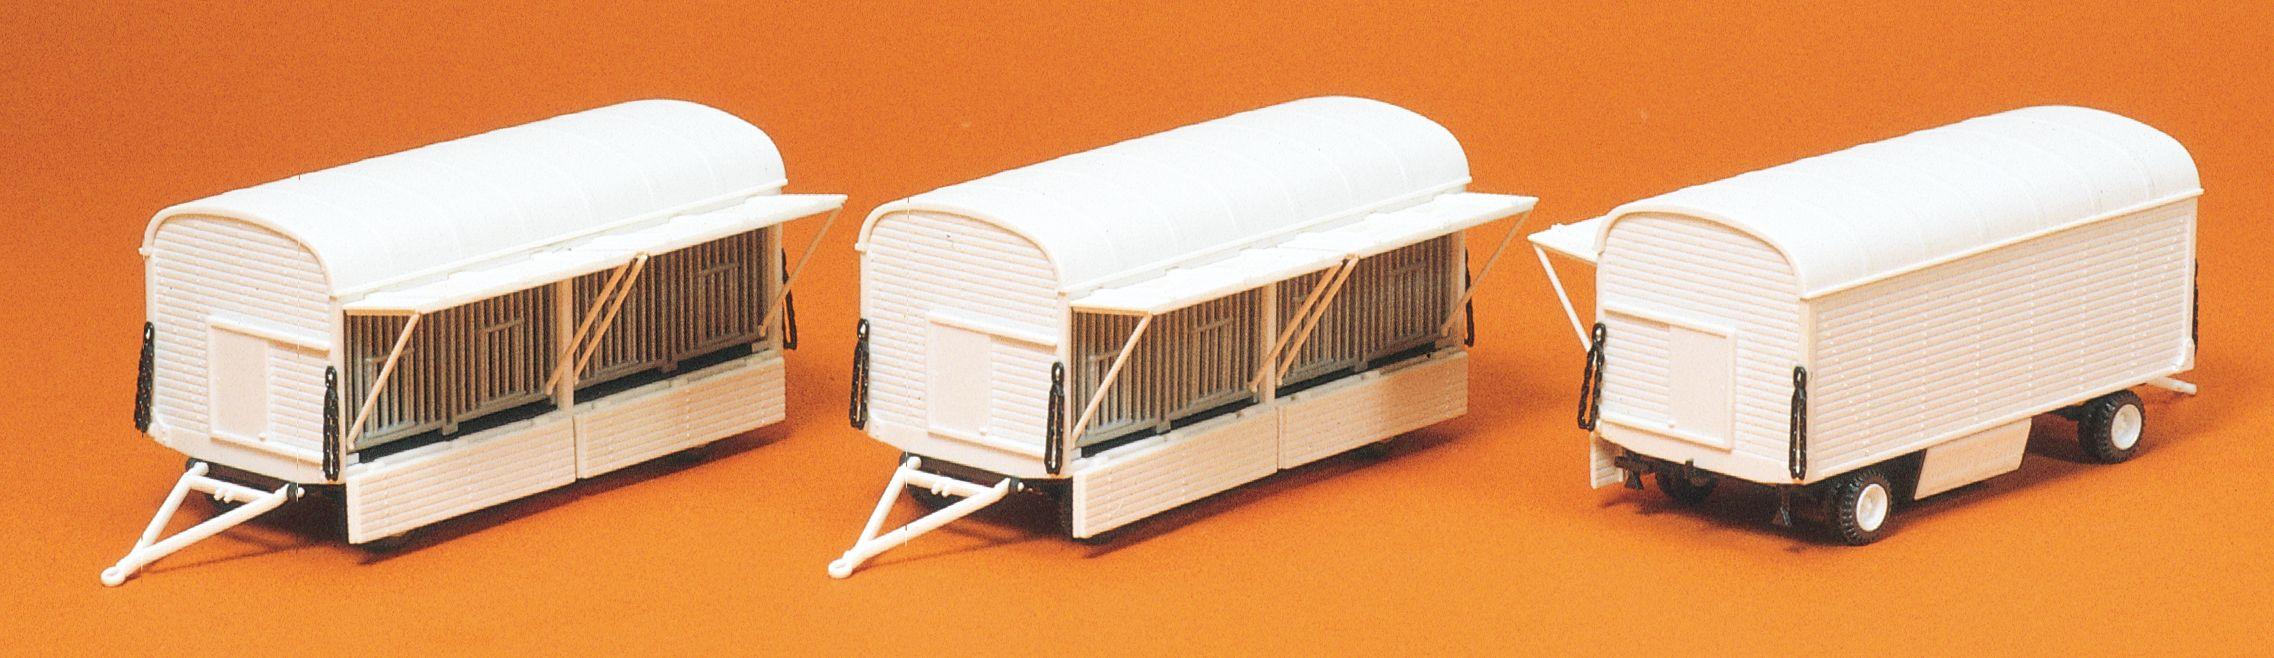 1:87 Zirkus Käfigwagen, Bausatz, 3 St.- Preiser 20007  | günstig bestellen bei Modelleisenbahn Center  MCS Vertriebs GmbH